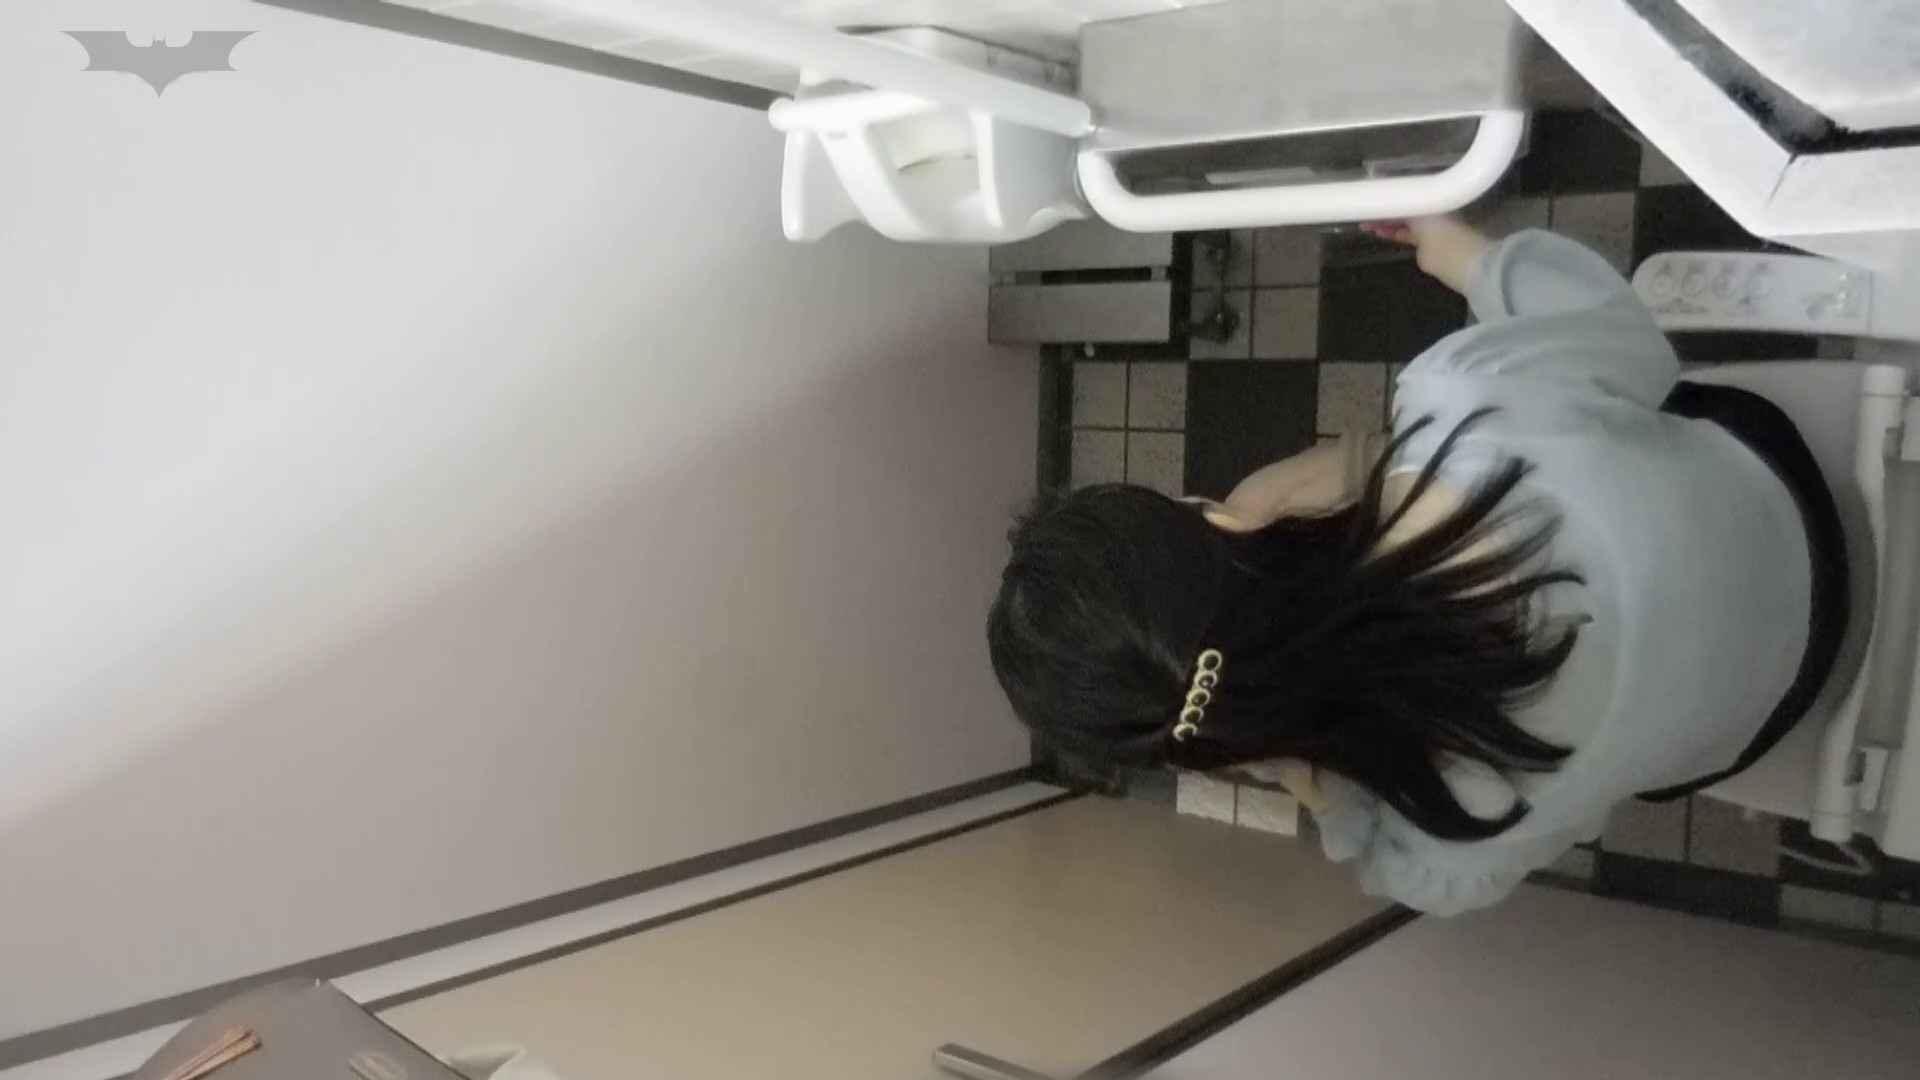 化粧室絵巻 駅舎編 VOL.21 ヨリドリミドリ!!選びたい放題です。 洗面所シーン  105画像 40